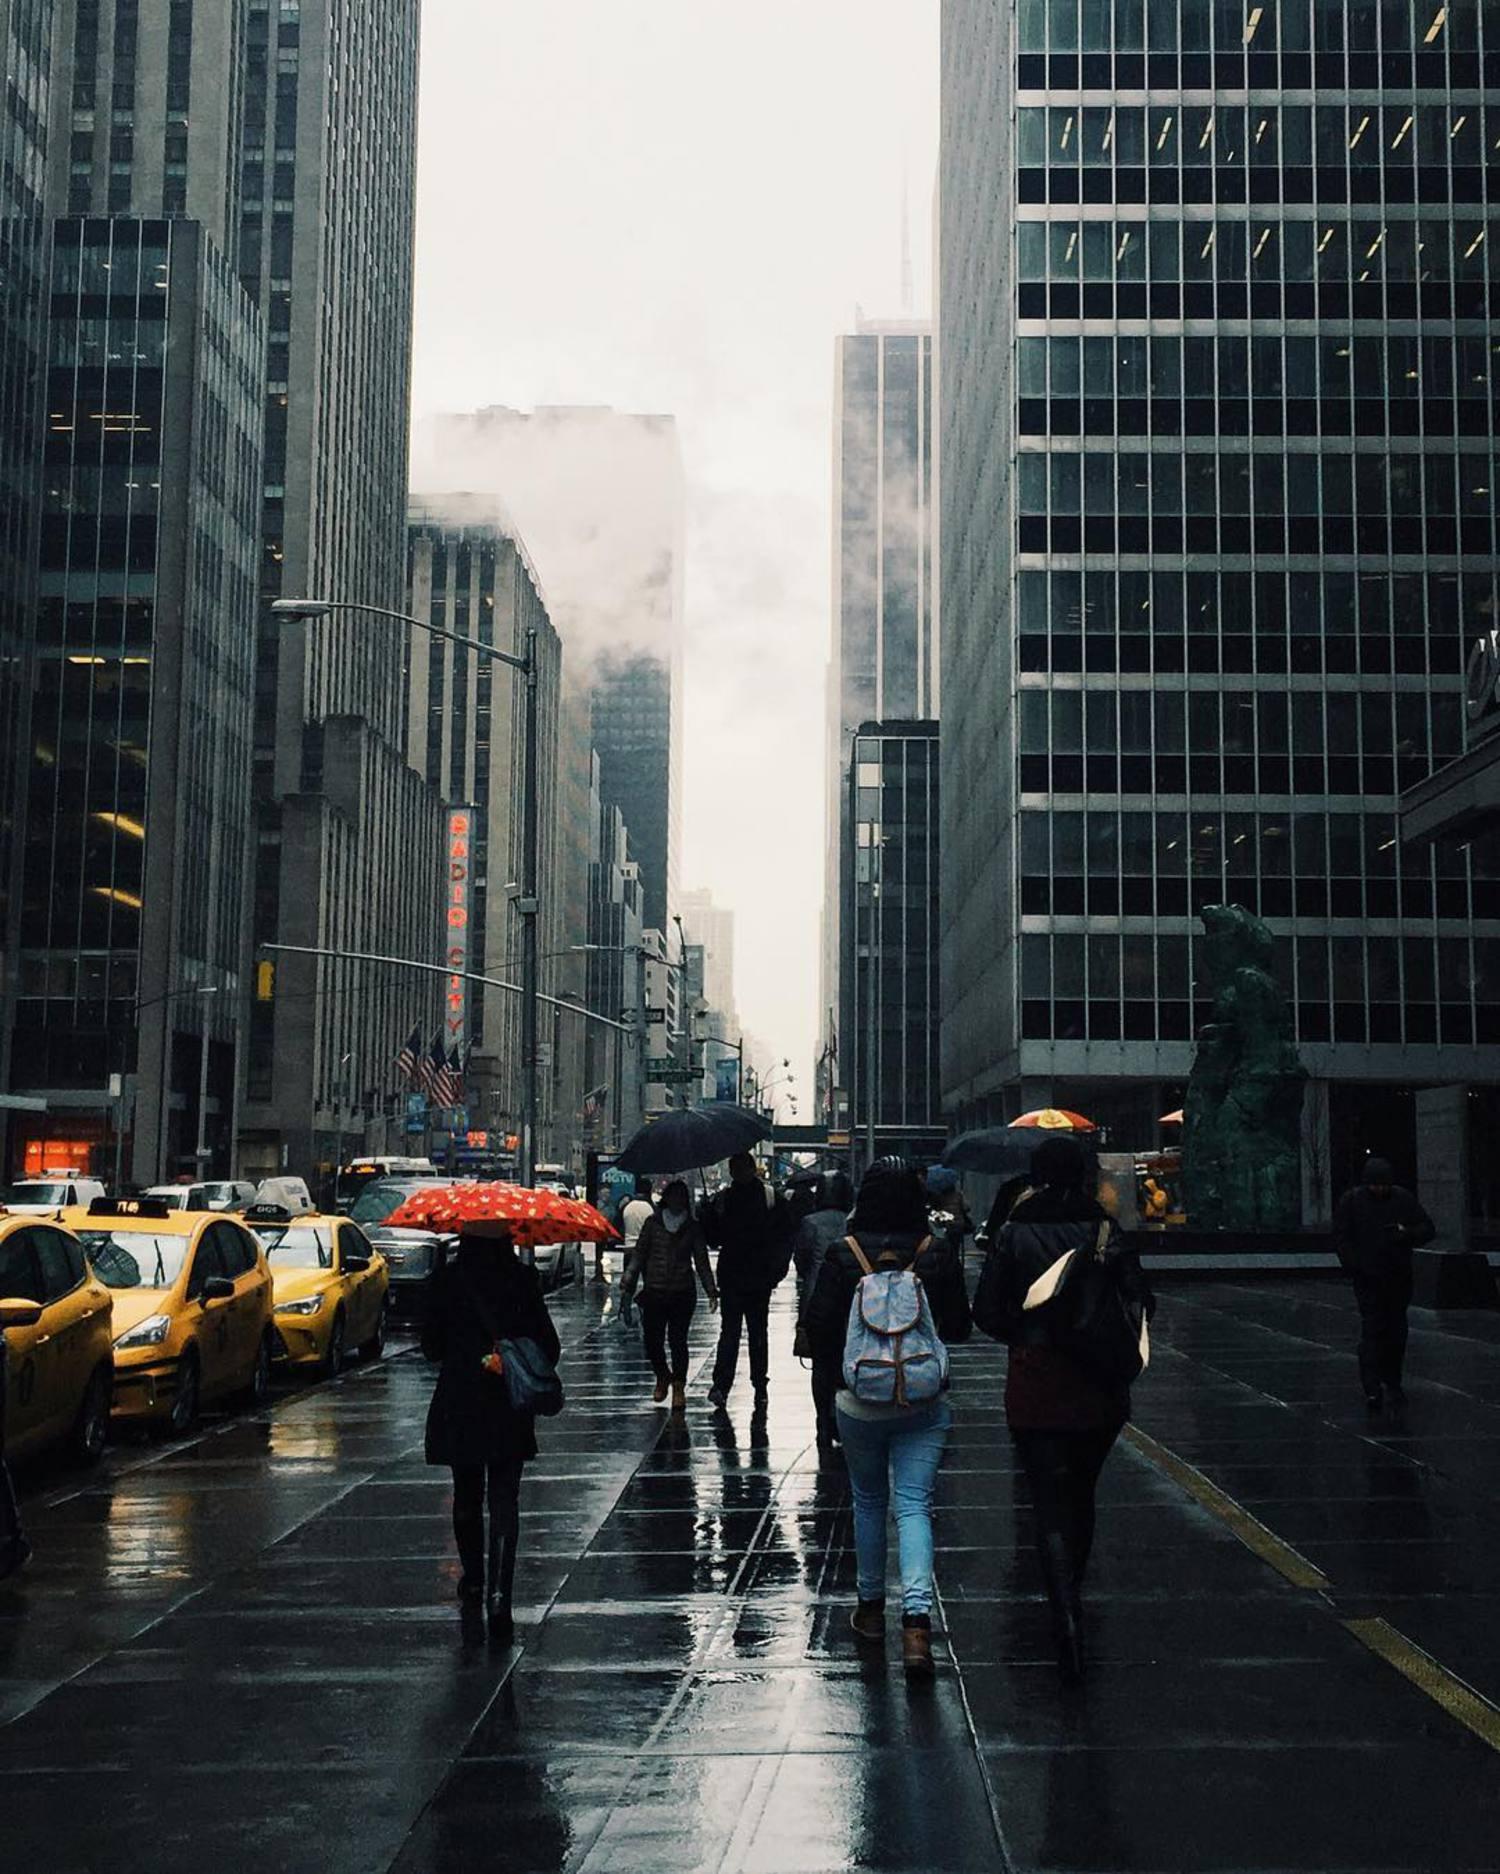 You can stand under my umbrella ella ella aye aye aye 🌂 #nyc #rainydays #TNYR